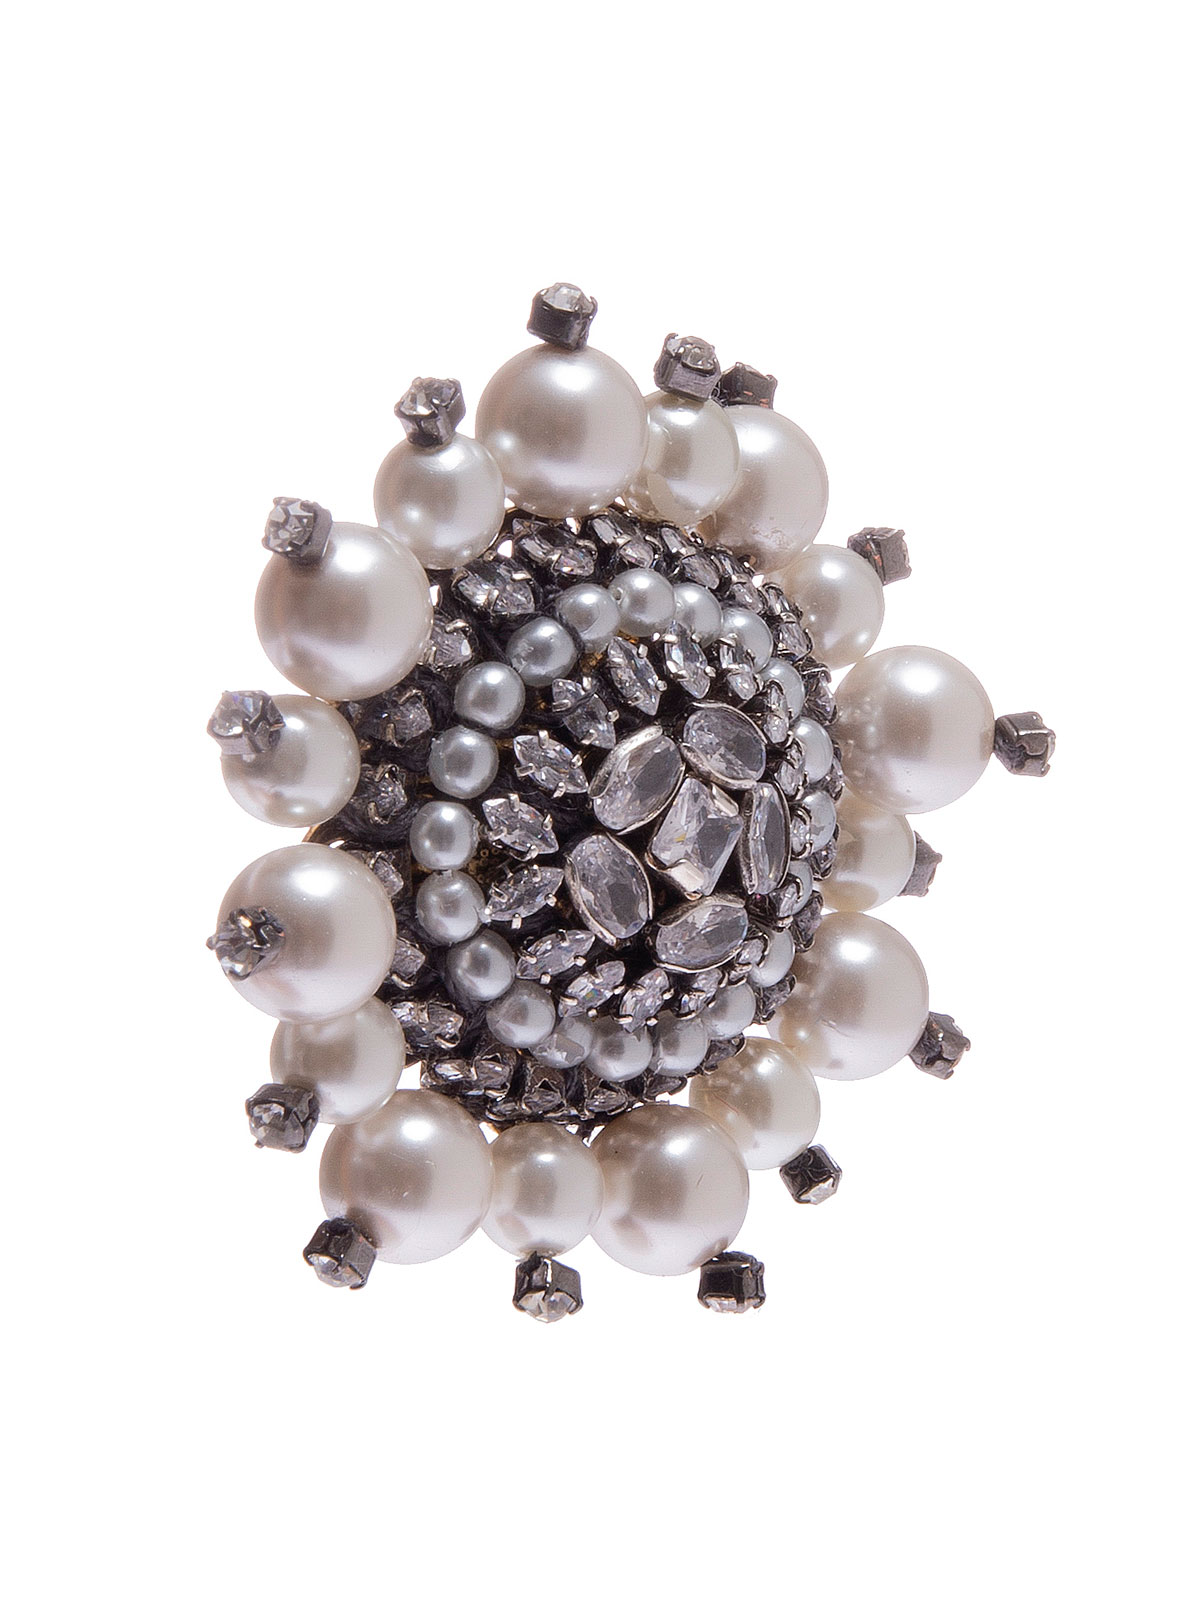 Spilla circolare ricamata con pietre e perle